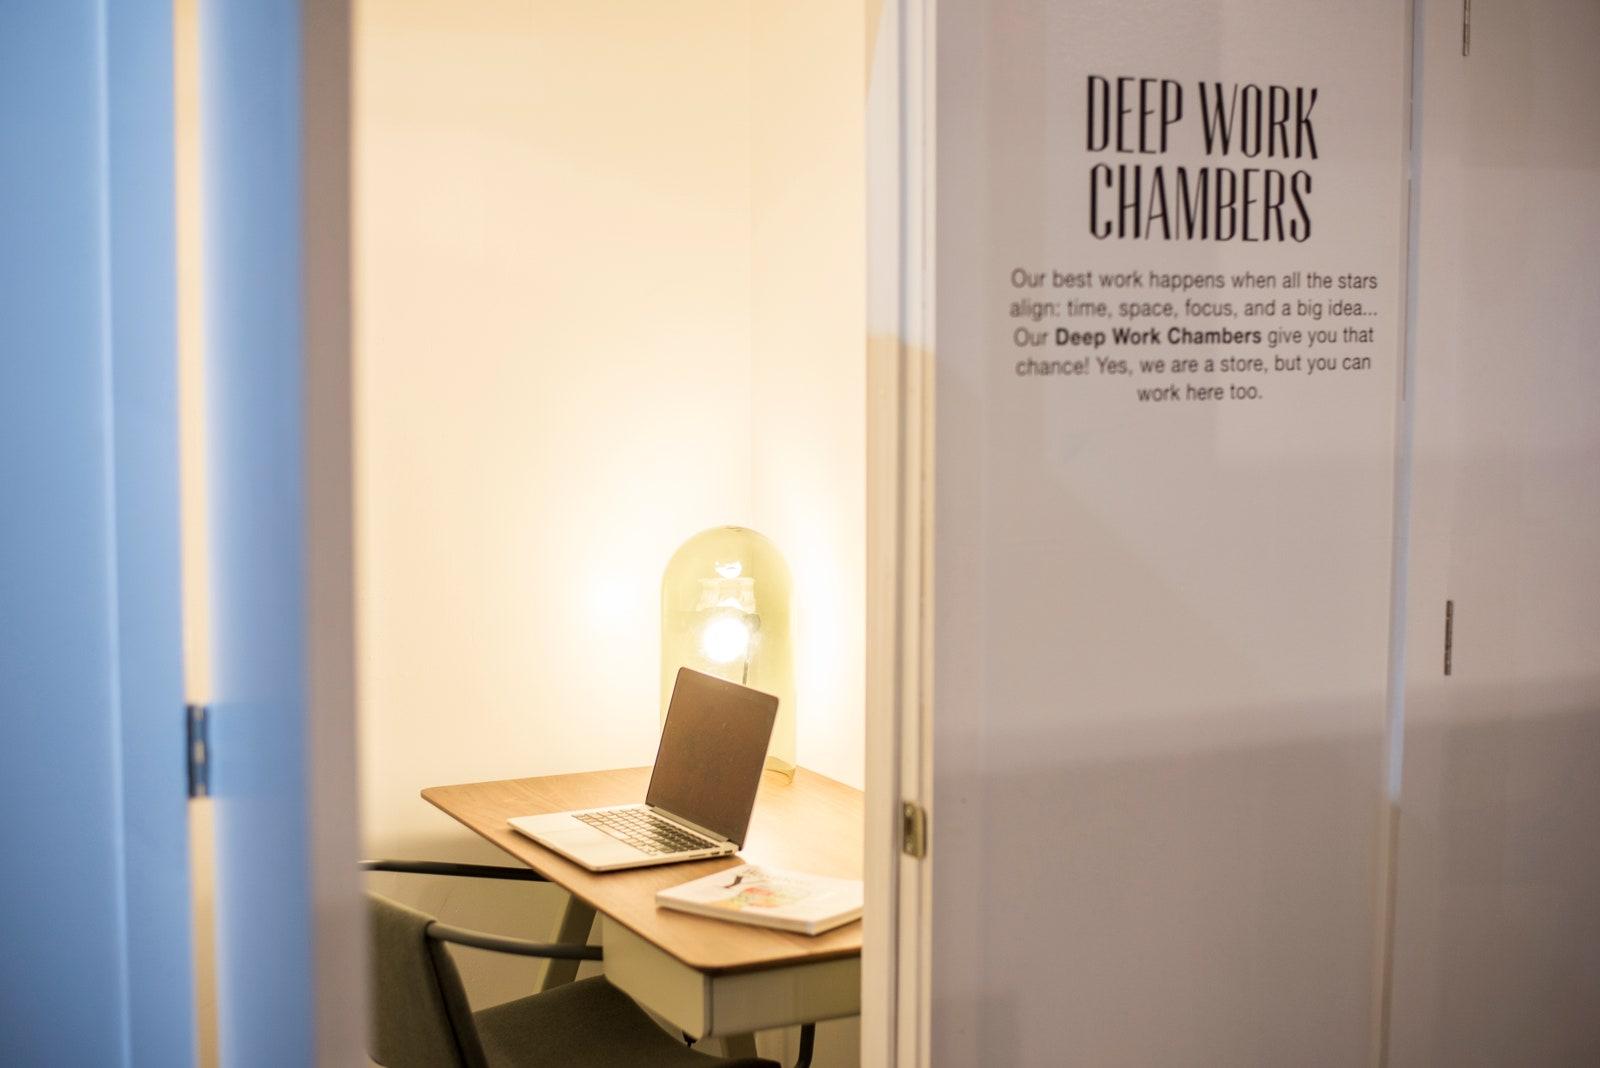 Fotografía de los espacios de trabajo profundo